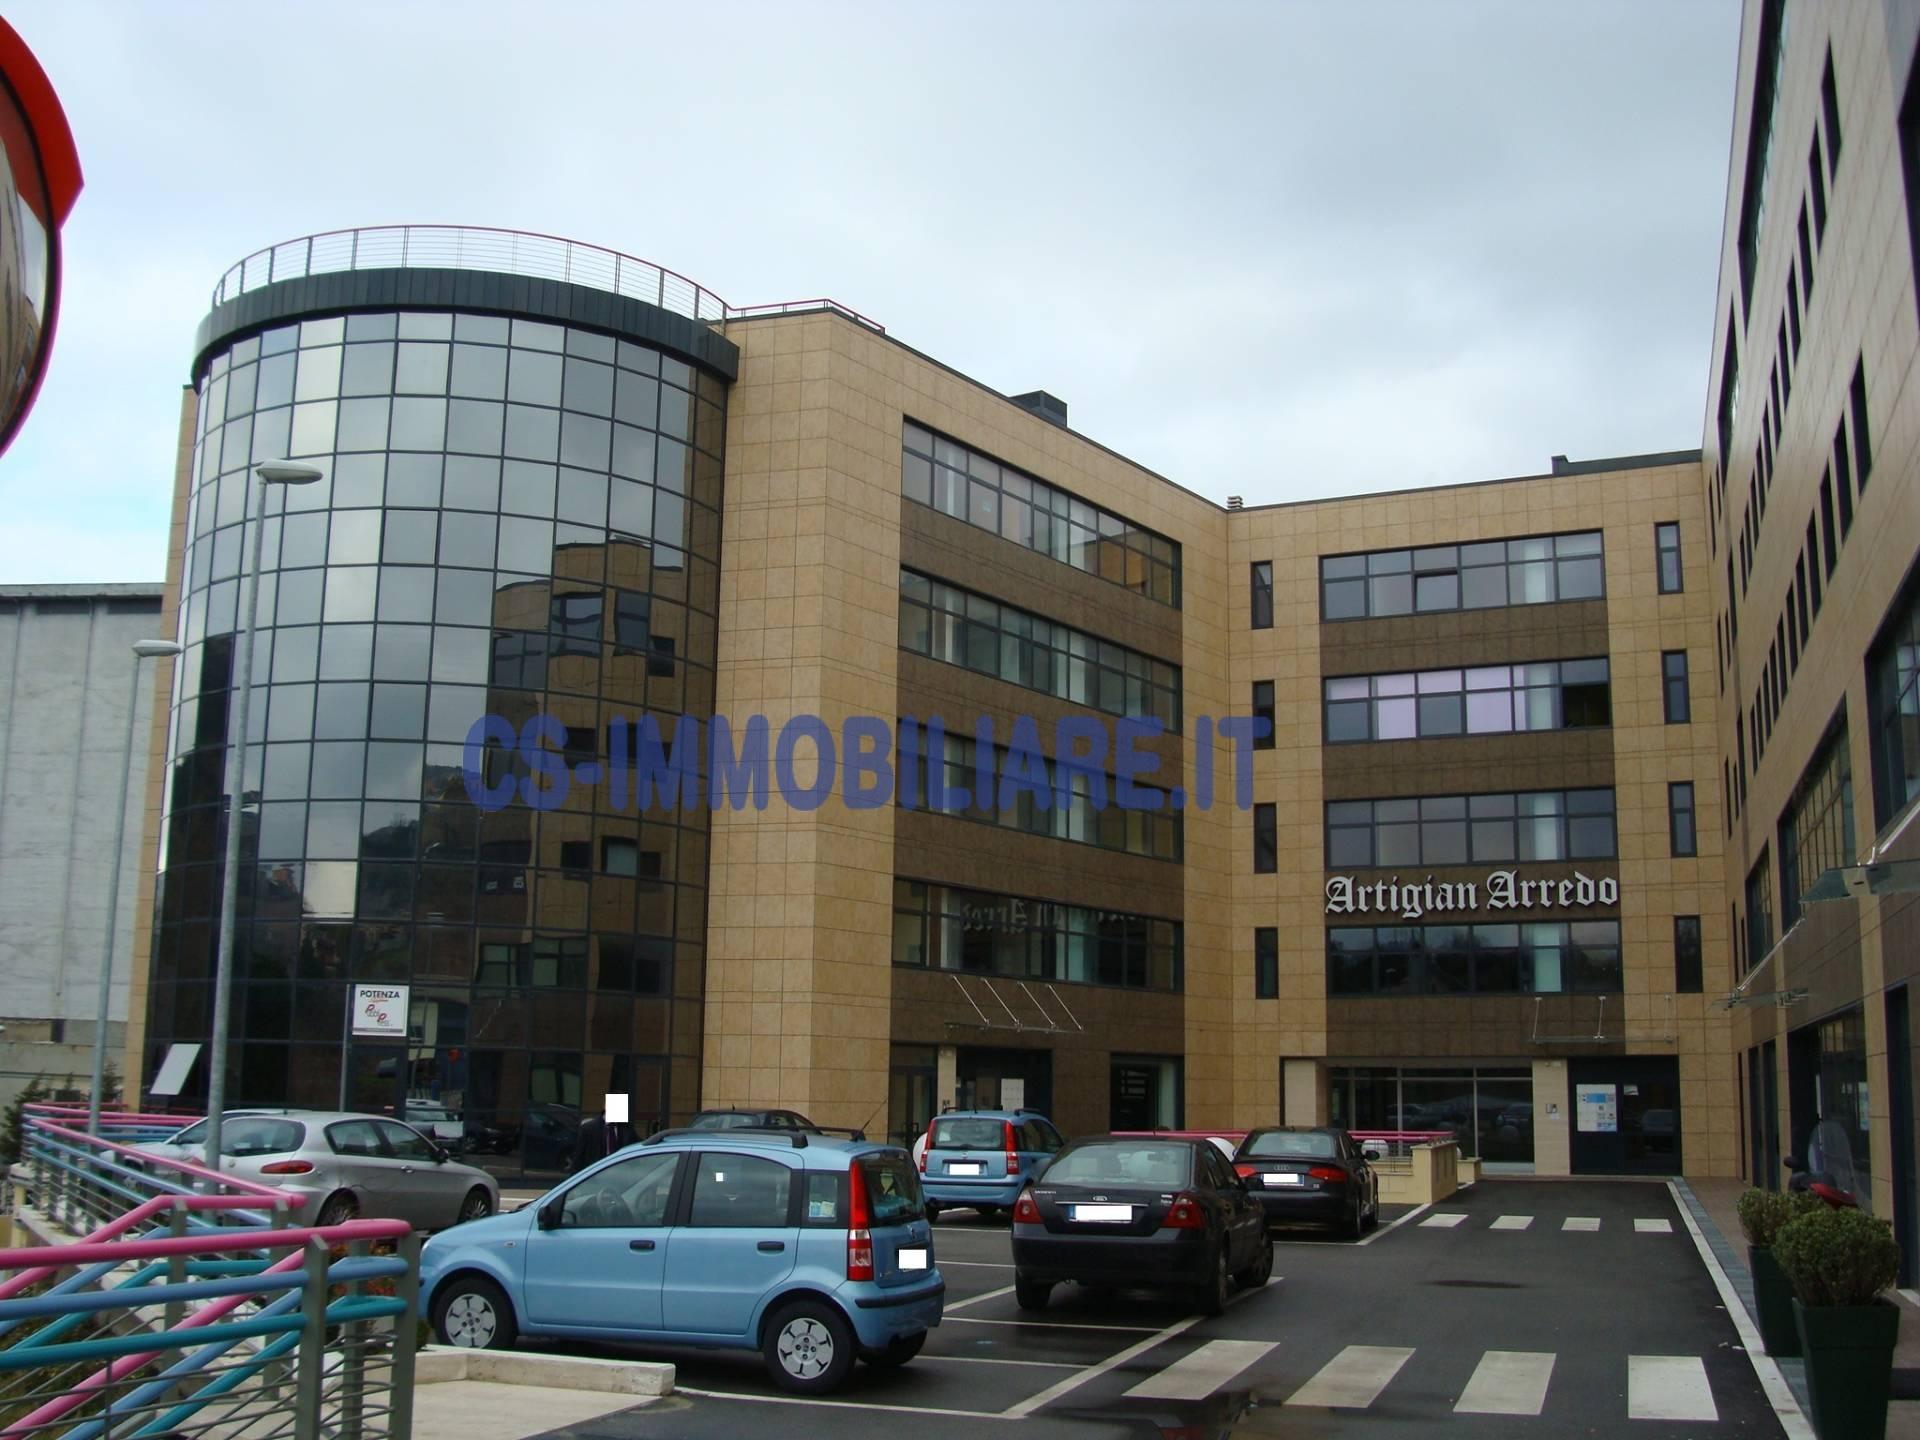 Ufficio diviso in ambienti/locali in affitto - 85 mq